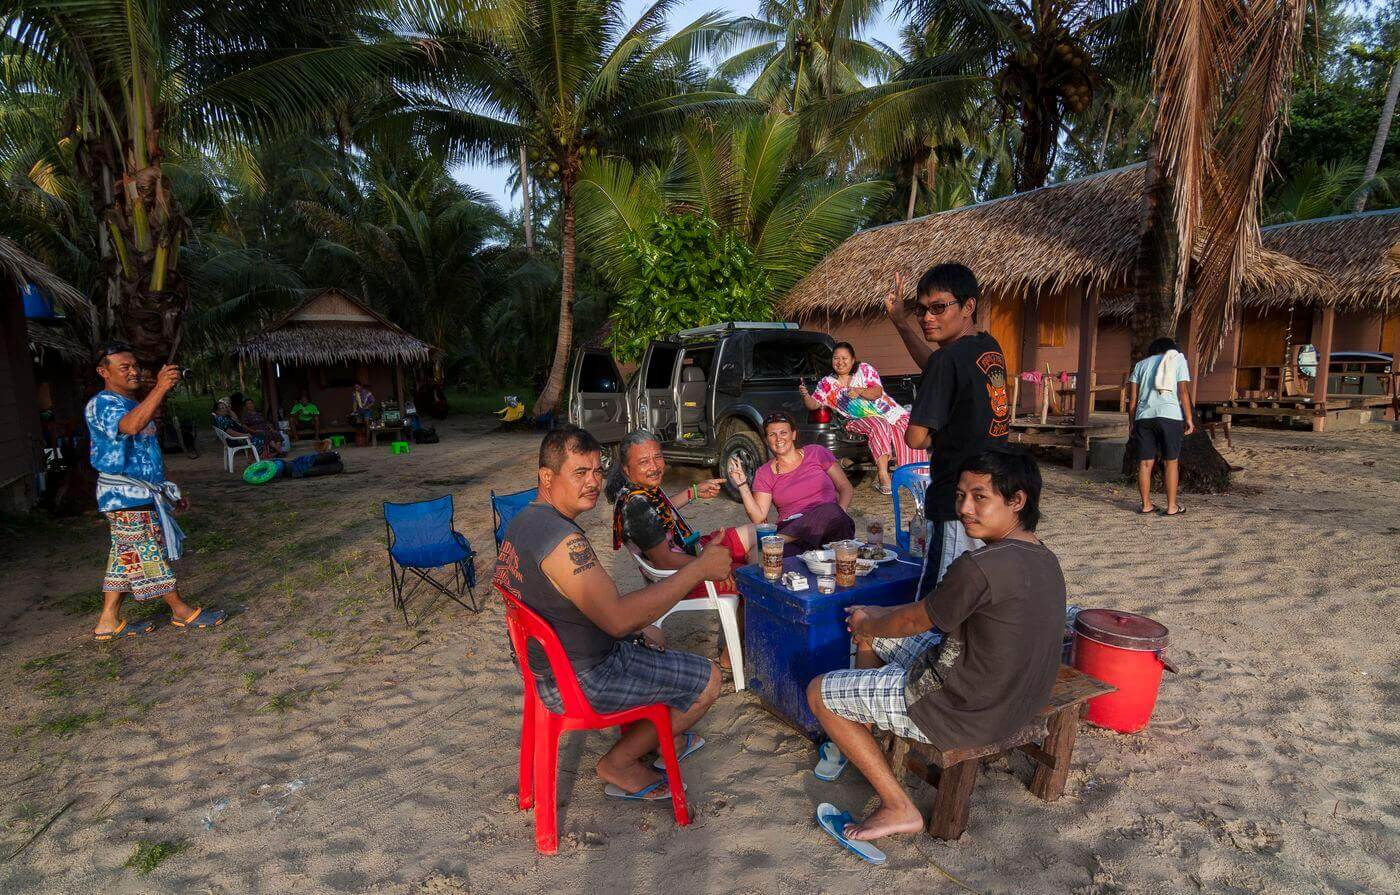 premiere retour en Thaïlande lors de mon voyage en asie du sud-est